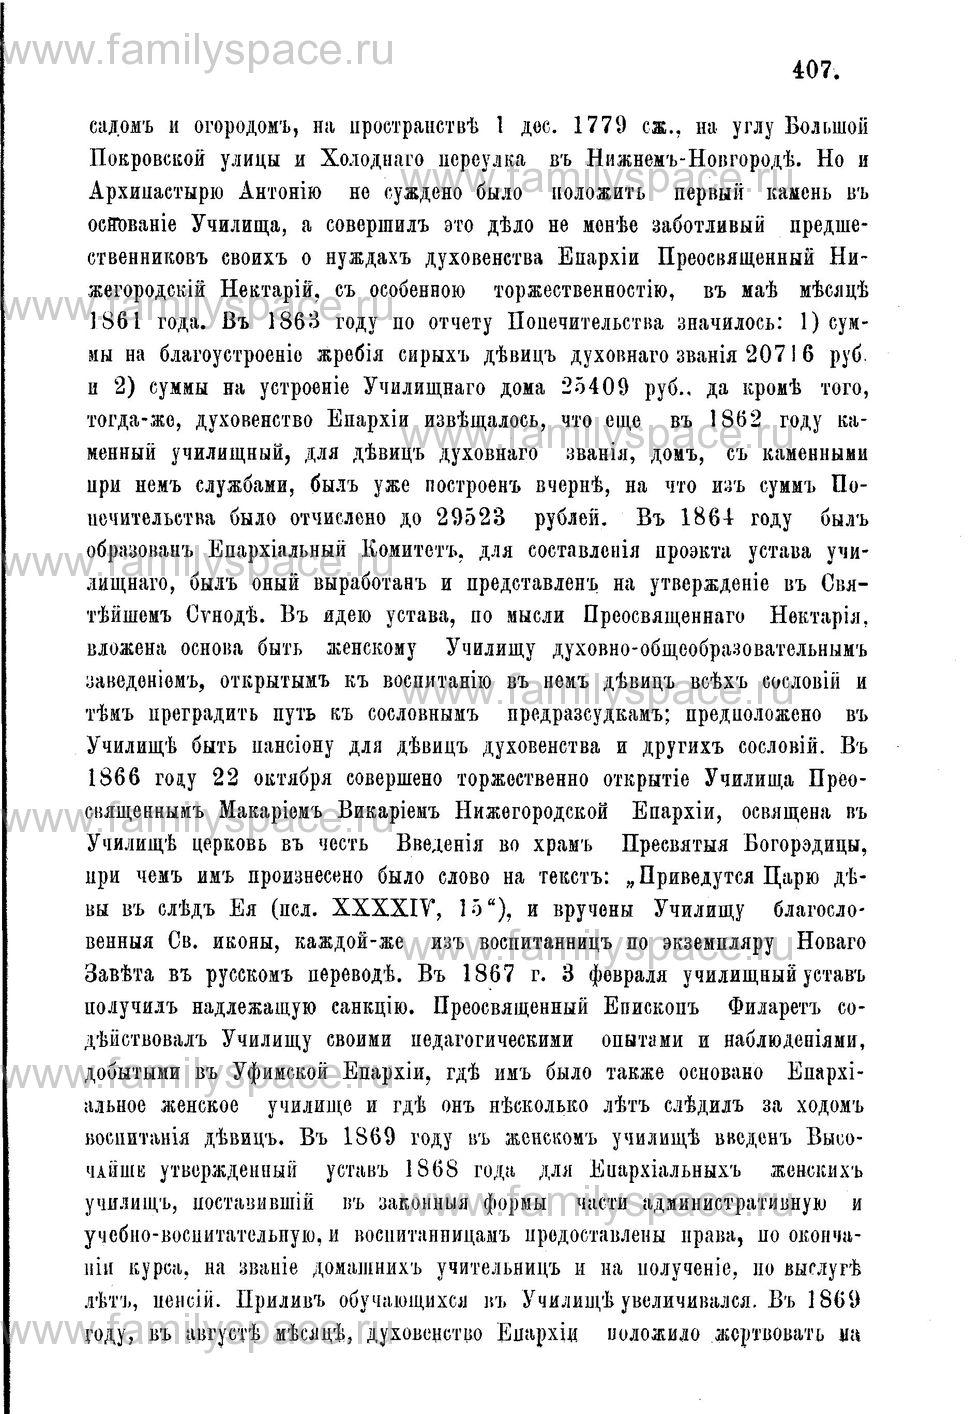 Поиск по фамилии - Адрес-календарь Нижегородской епархии на 1888 год, страница 1407